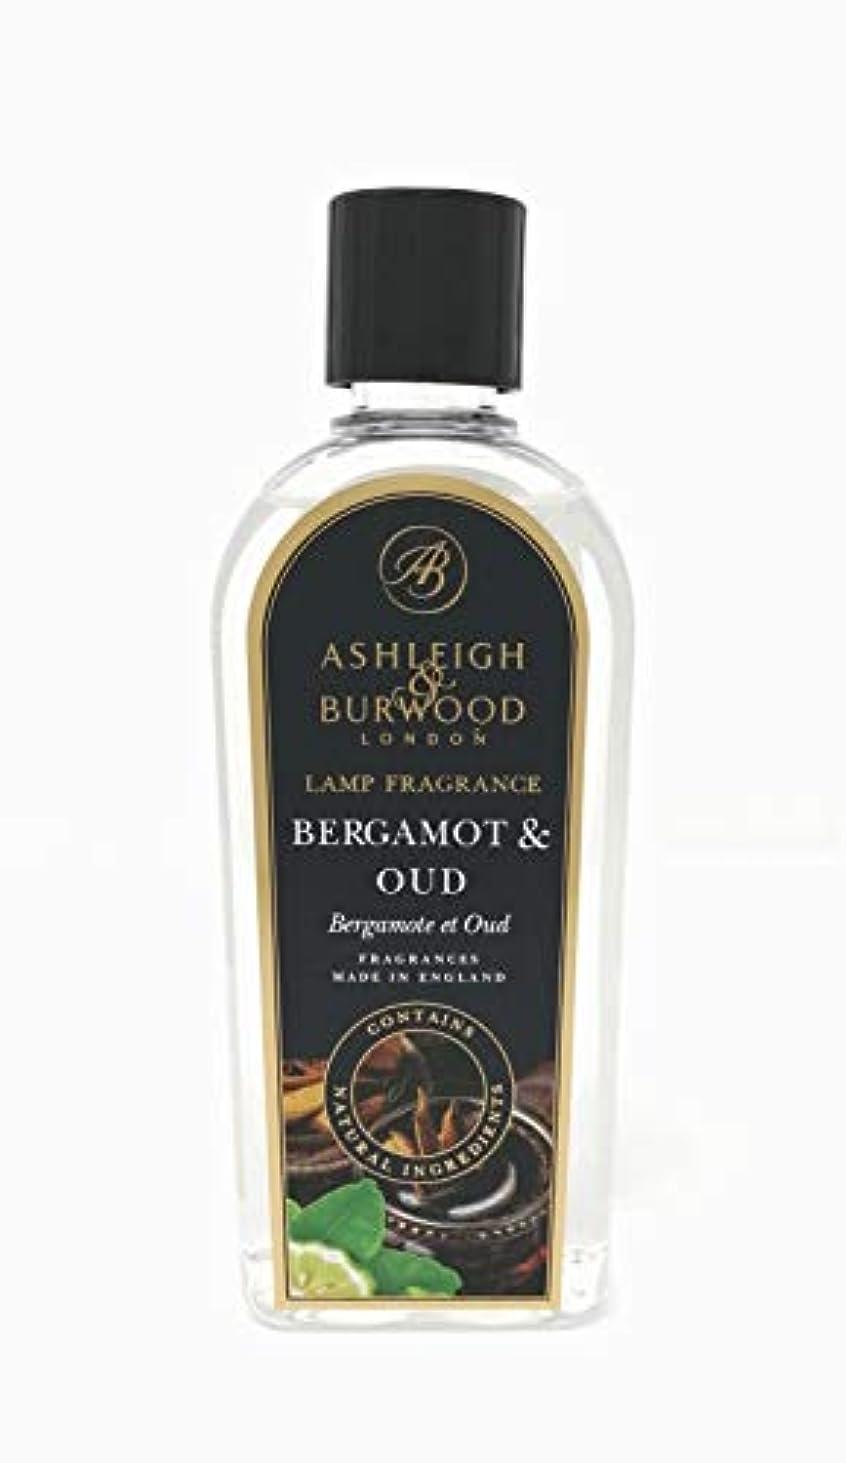 鉄道記録制限Ashleigh&Burwood ランプフレグランス ベルガモット&ウード Lamp Fragrances Bergamot&Oud アシュレイ&バーウッド